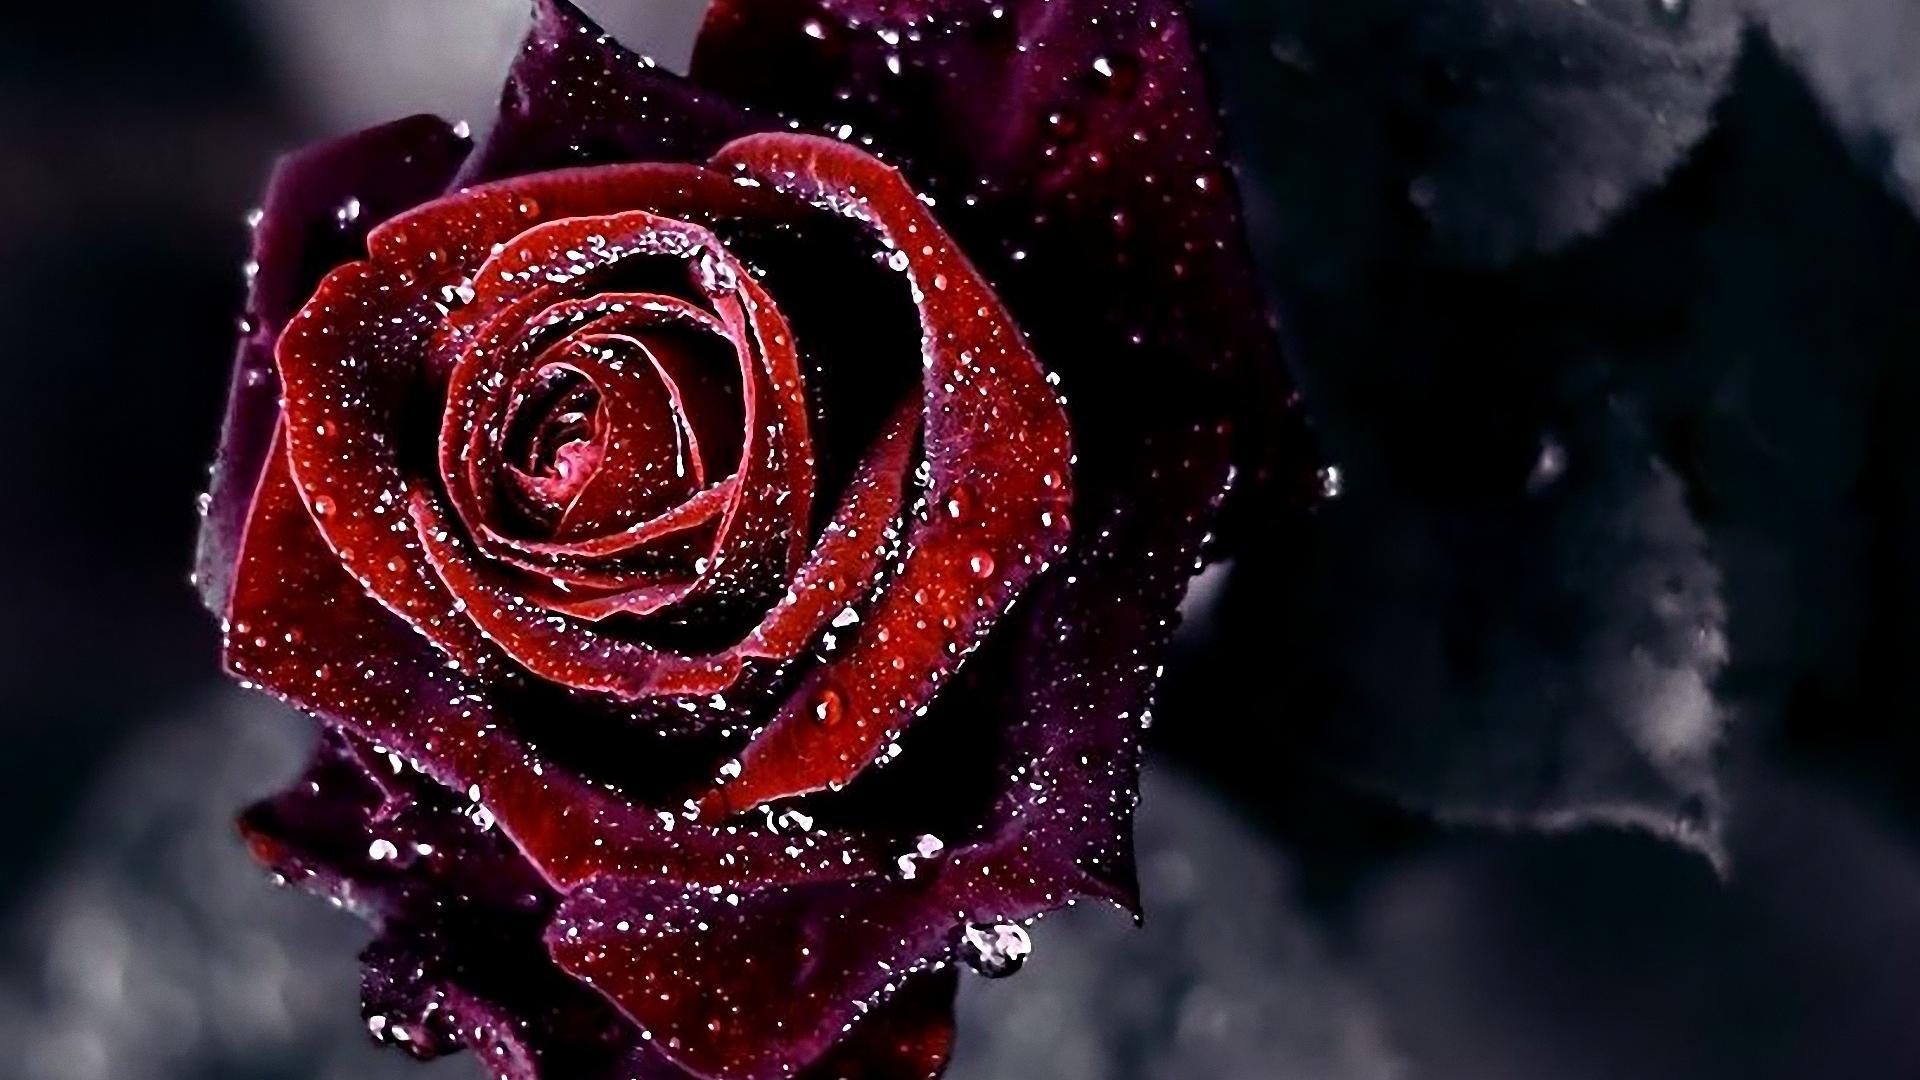 Tổng hợp hình nền hoa hồng đẹp nhất